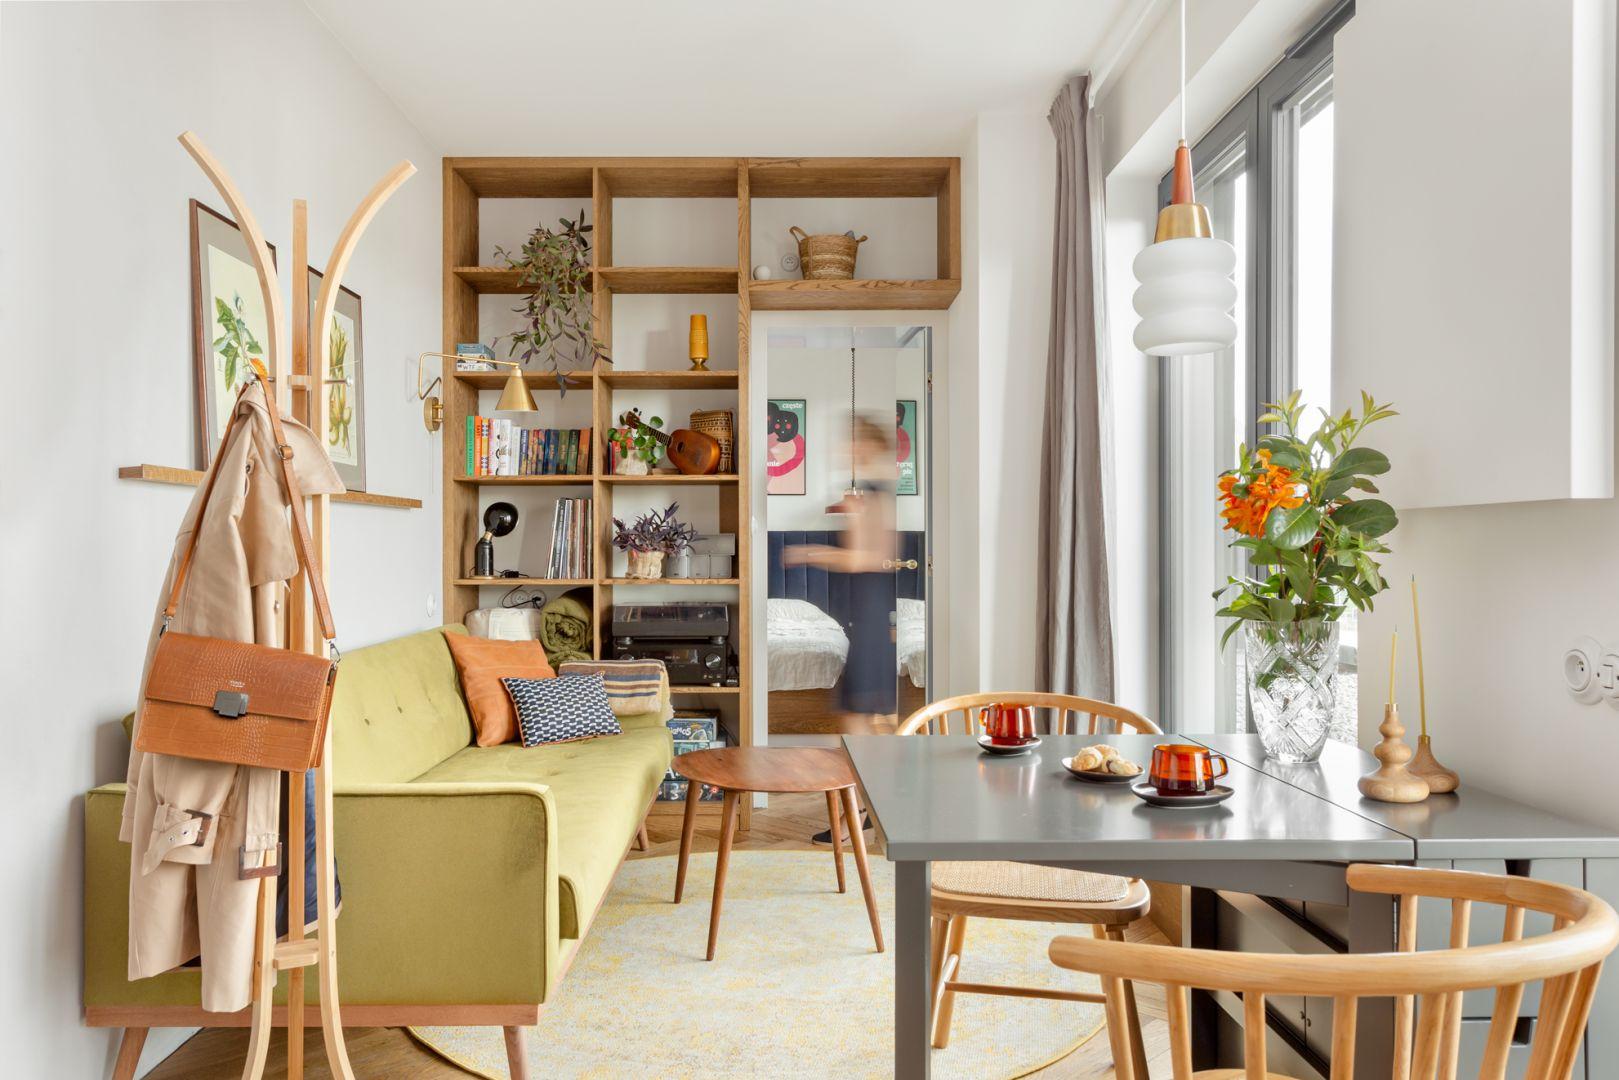 Mieszkanie ma powierzchnię 30 m2 i proporcje przypominające tramwaj, 2,4 x12 m. Projekt: Patrycja Morawska. Fot. Anna Laskowska/Dekorialove